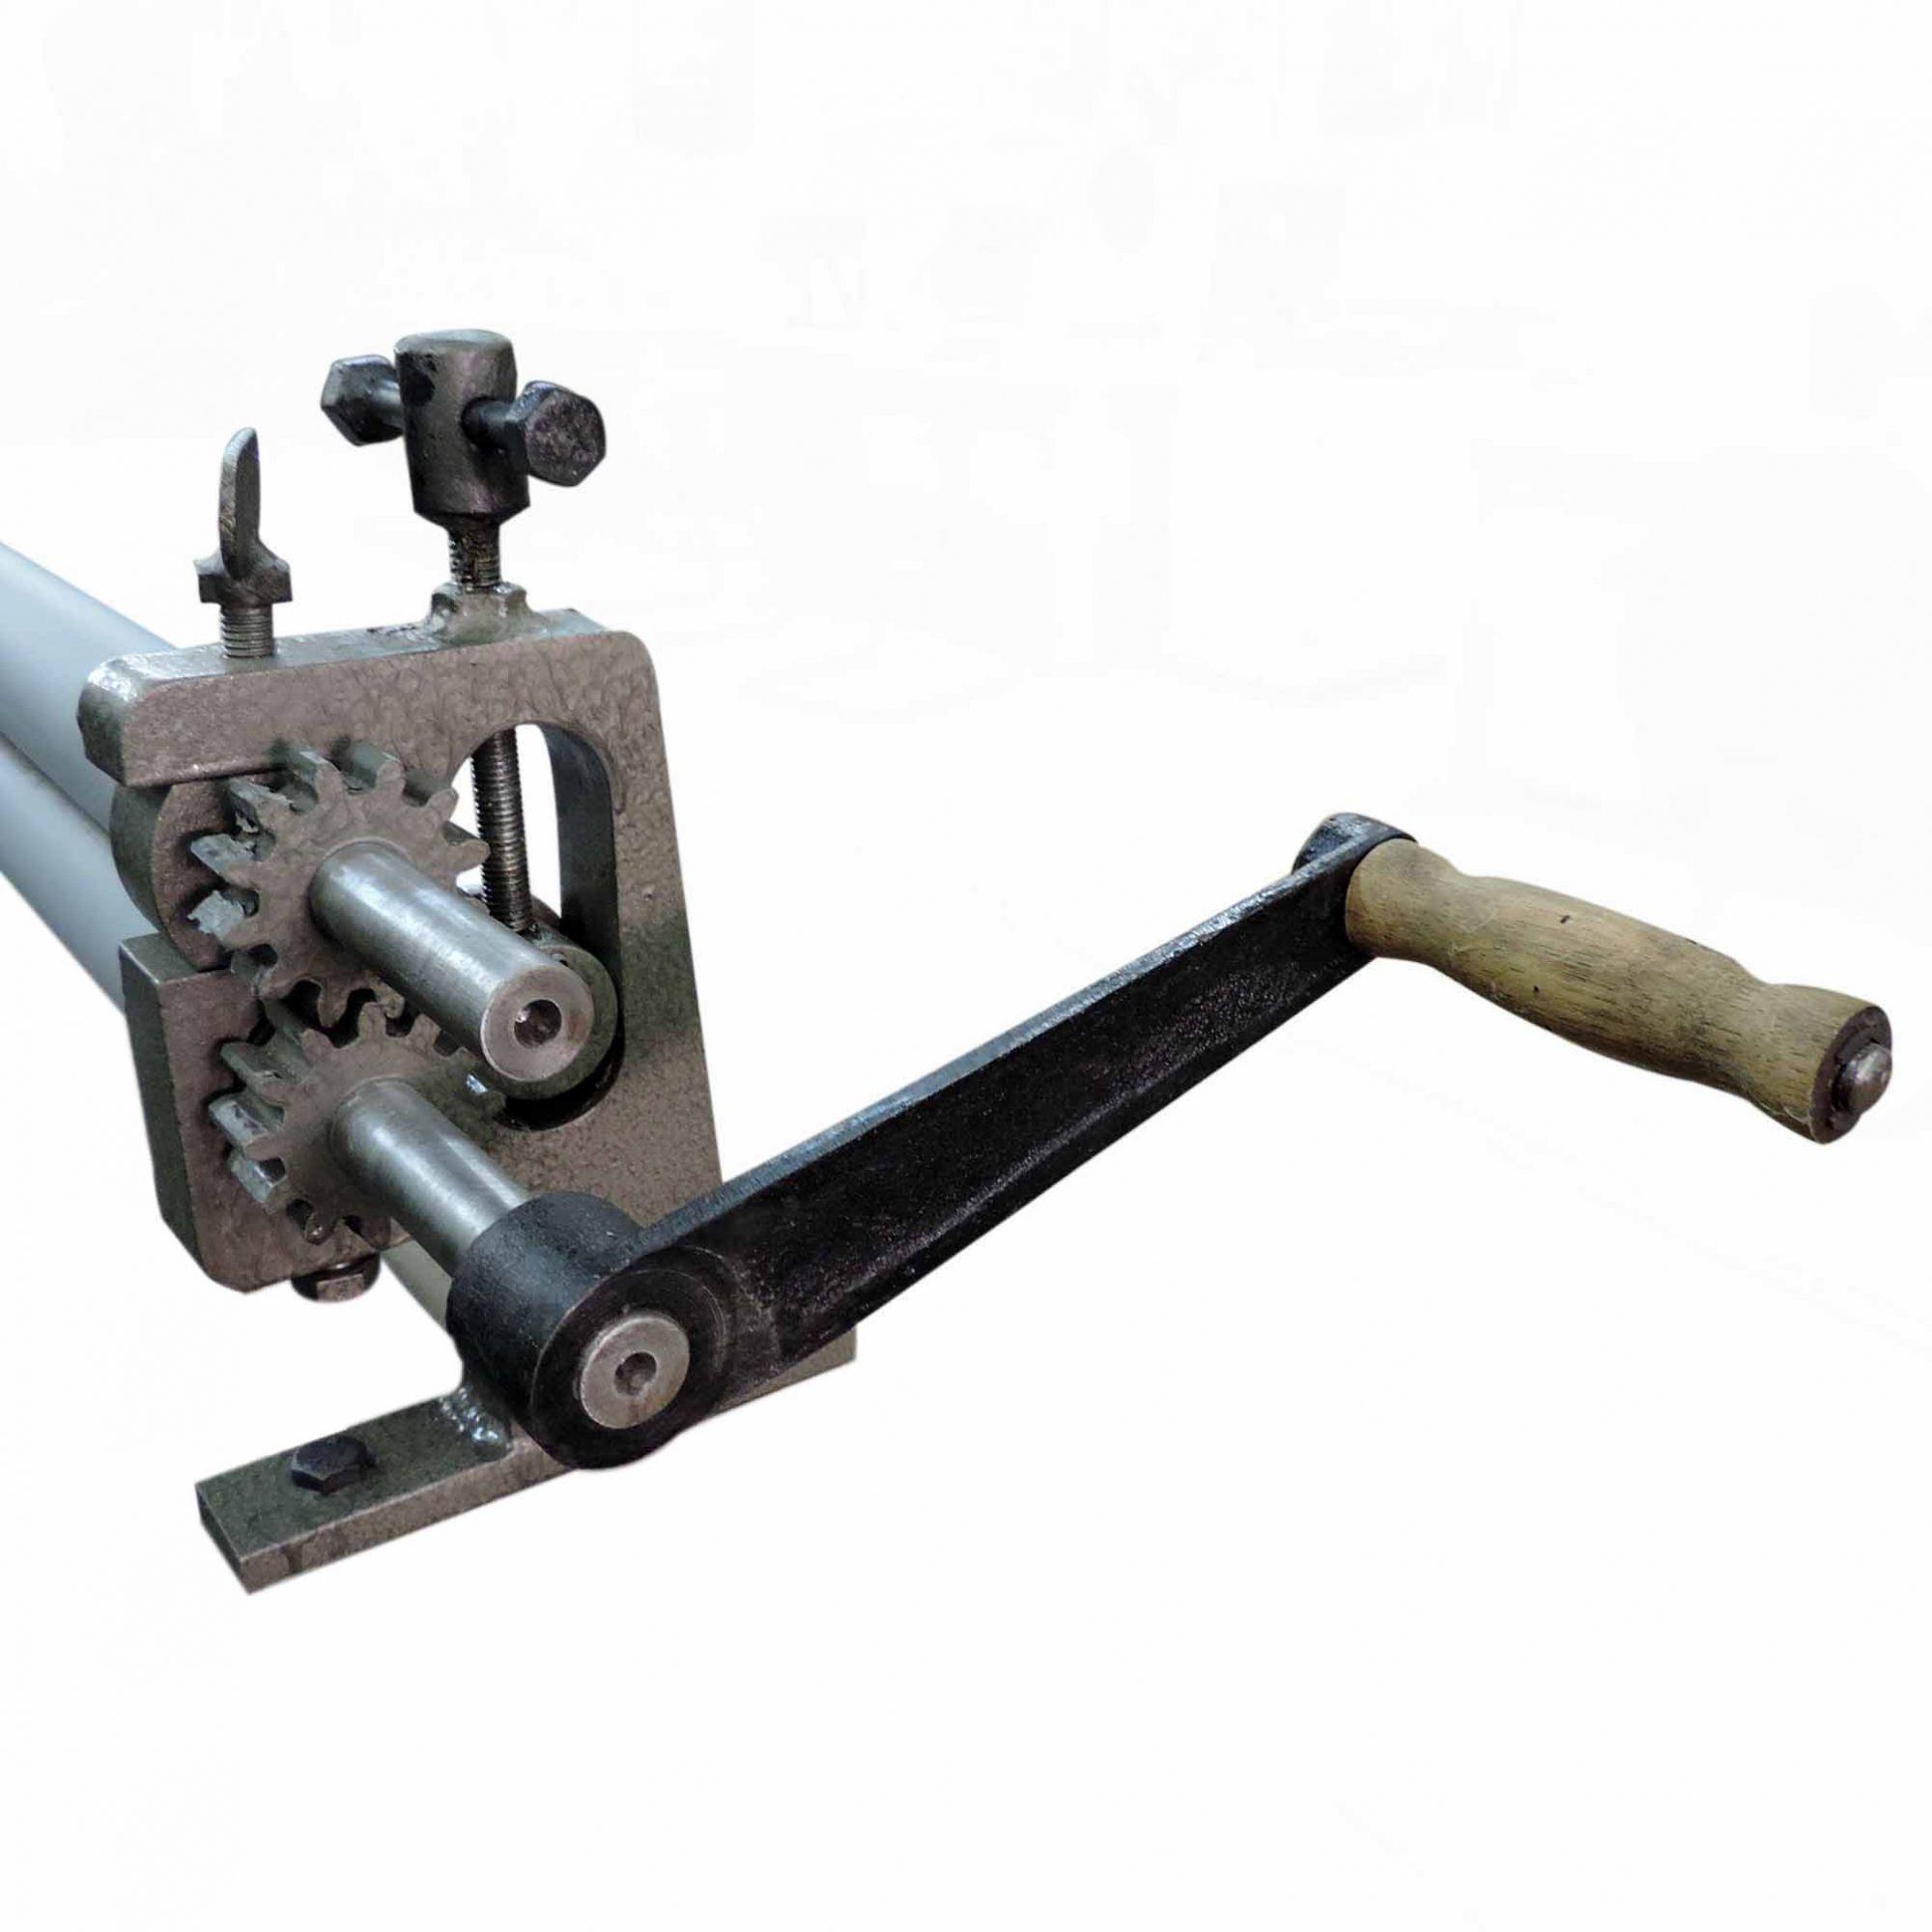 Calandra RMI 1250 Sem Bancada Manual Capacidade Para 1,2mm - Novo